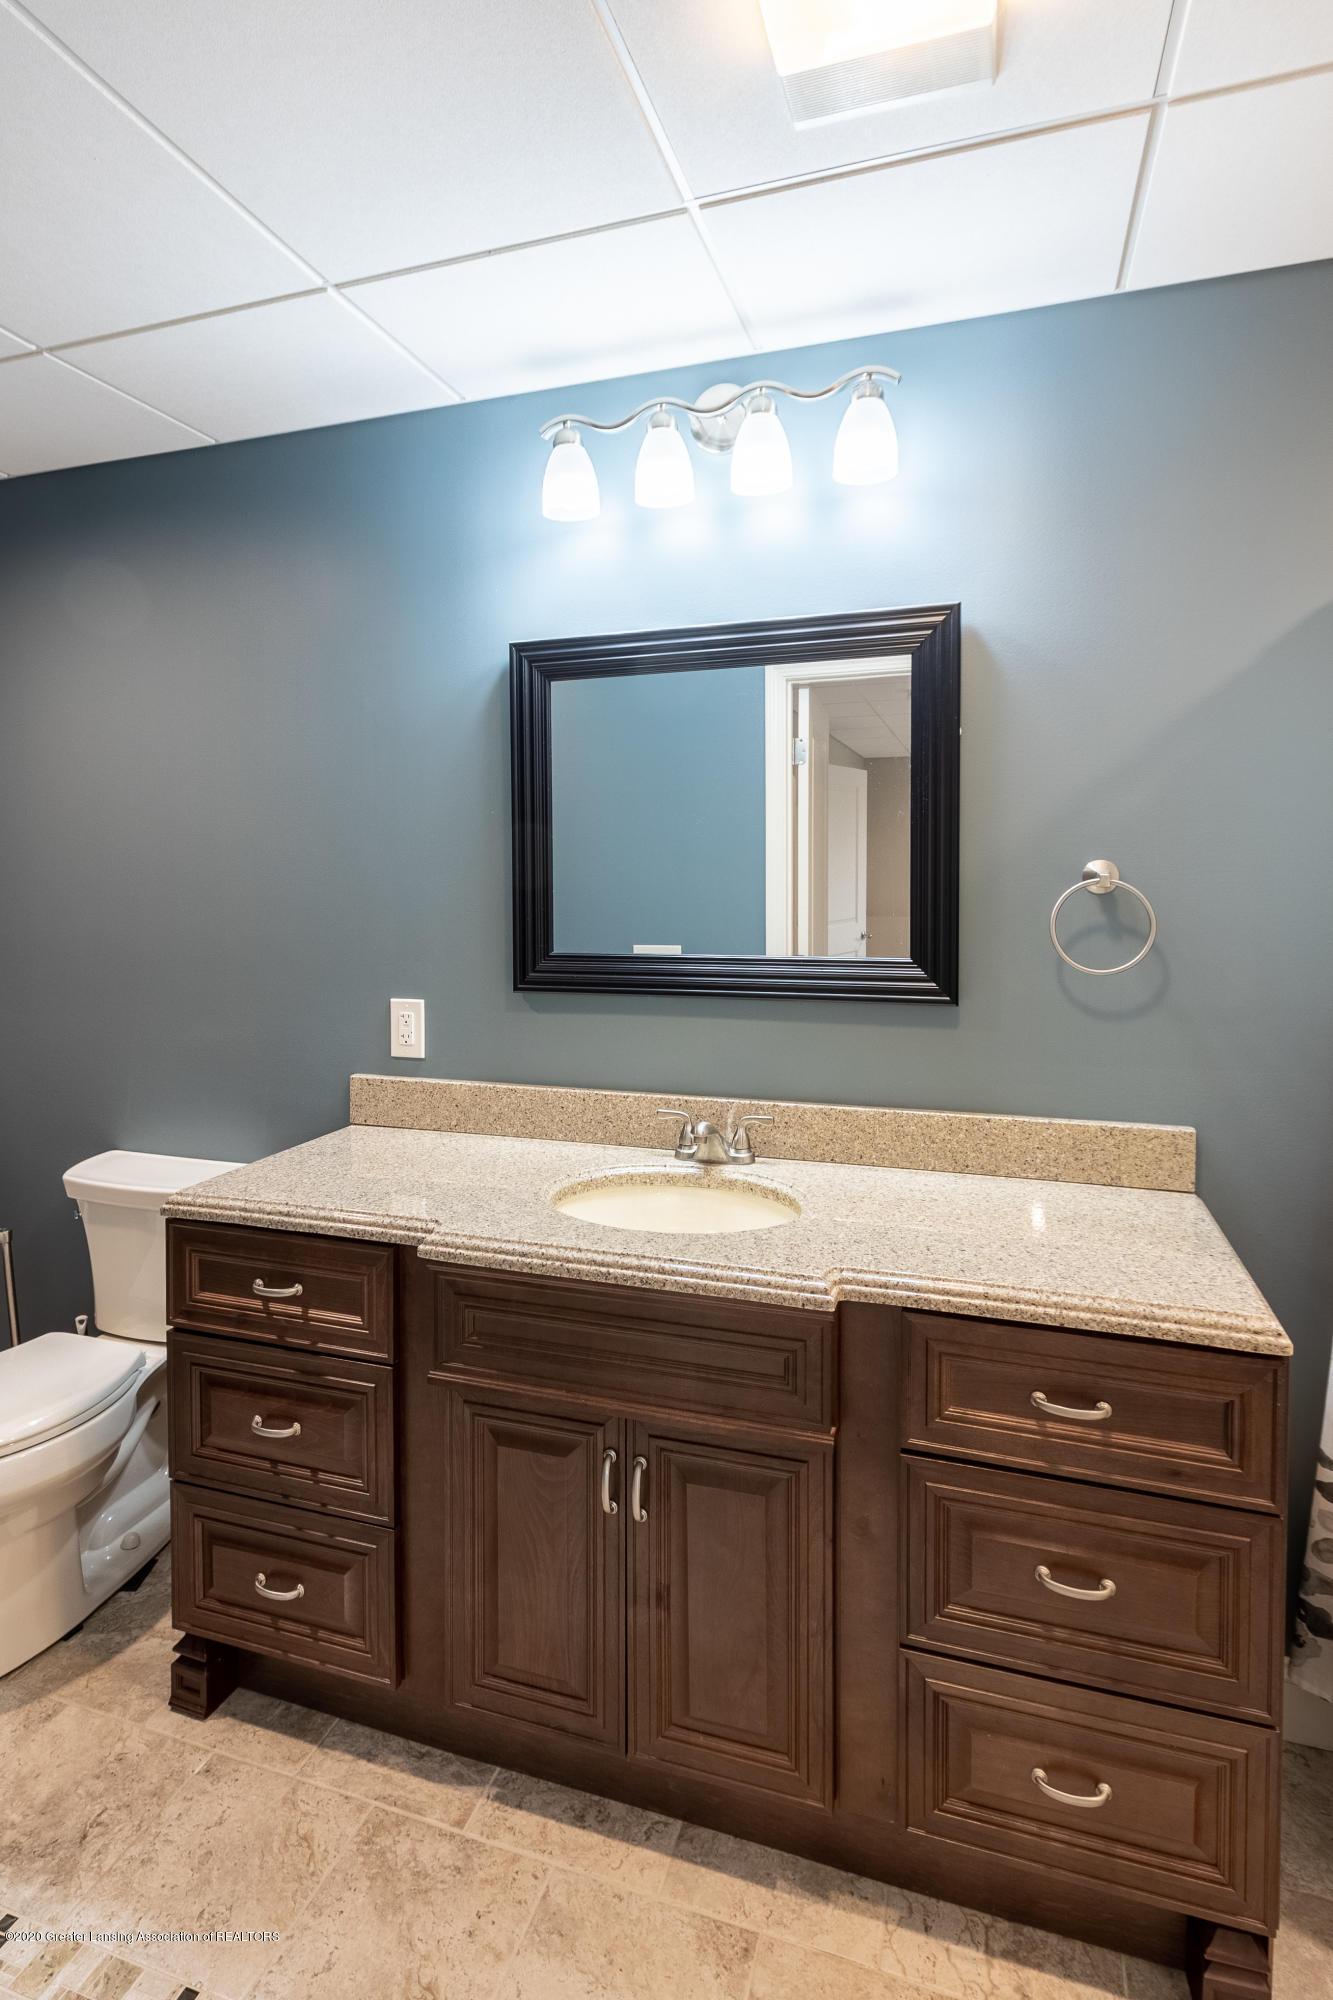 3929 Baulistrol Dr - Bedroom 3 Full Bath - 60